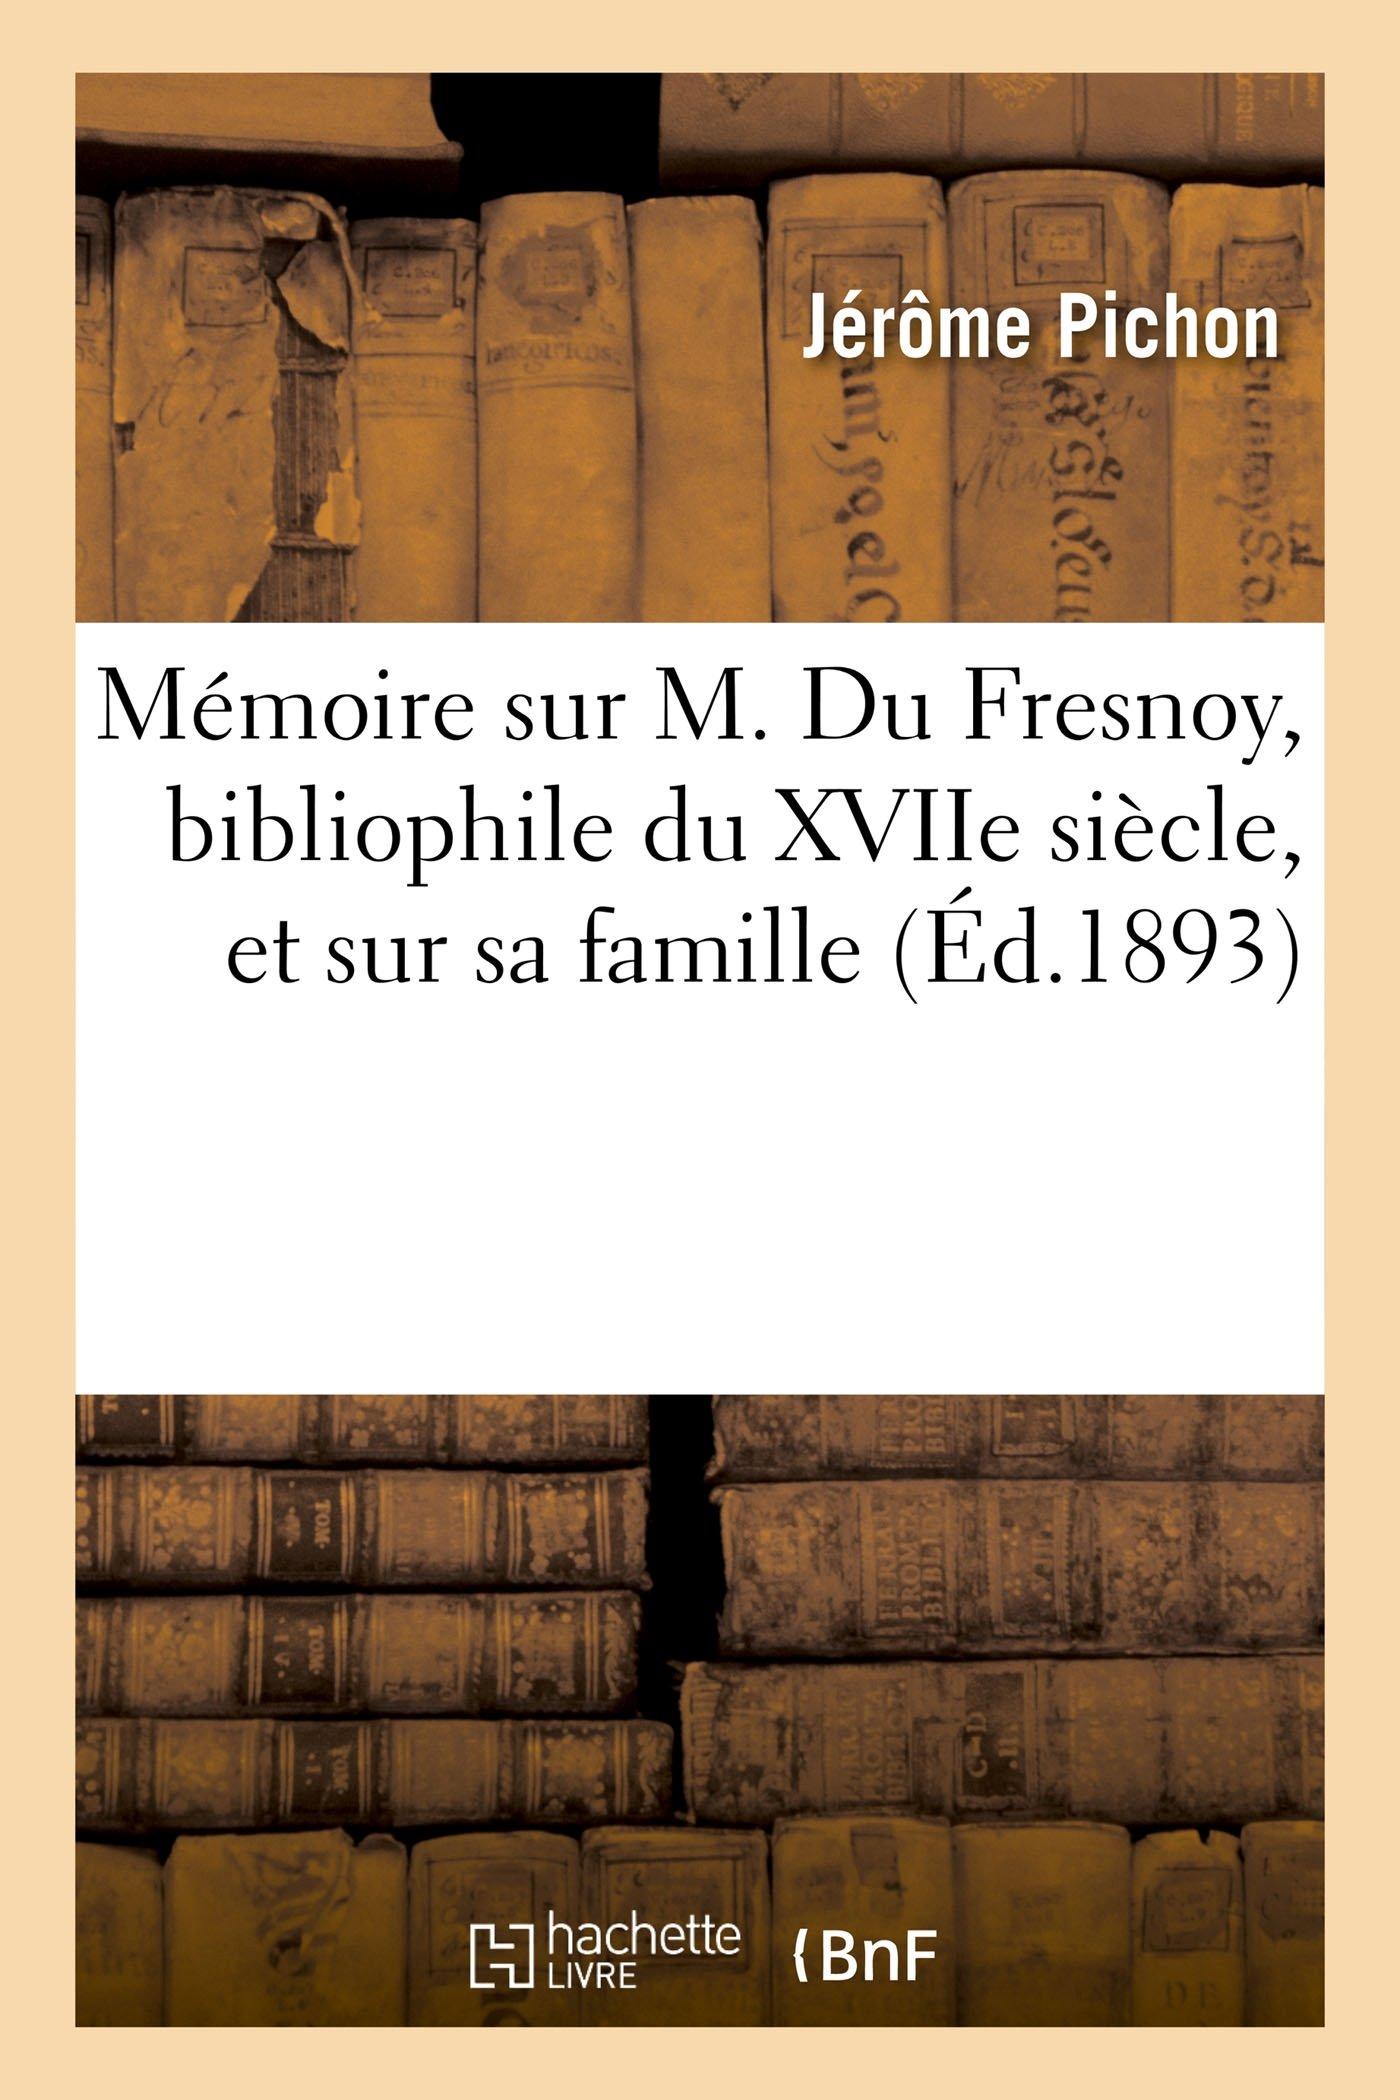 Download Mémoire Sur M. Du Fresnoy, Bibliophile Du Xviie Siècle, Et Sur Sa Famille (Histoire) (French Edition) PDF ePub book